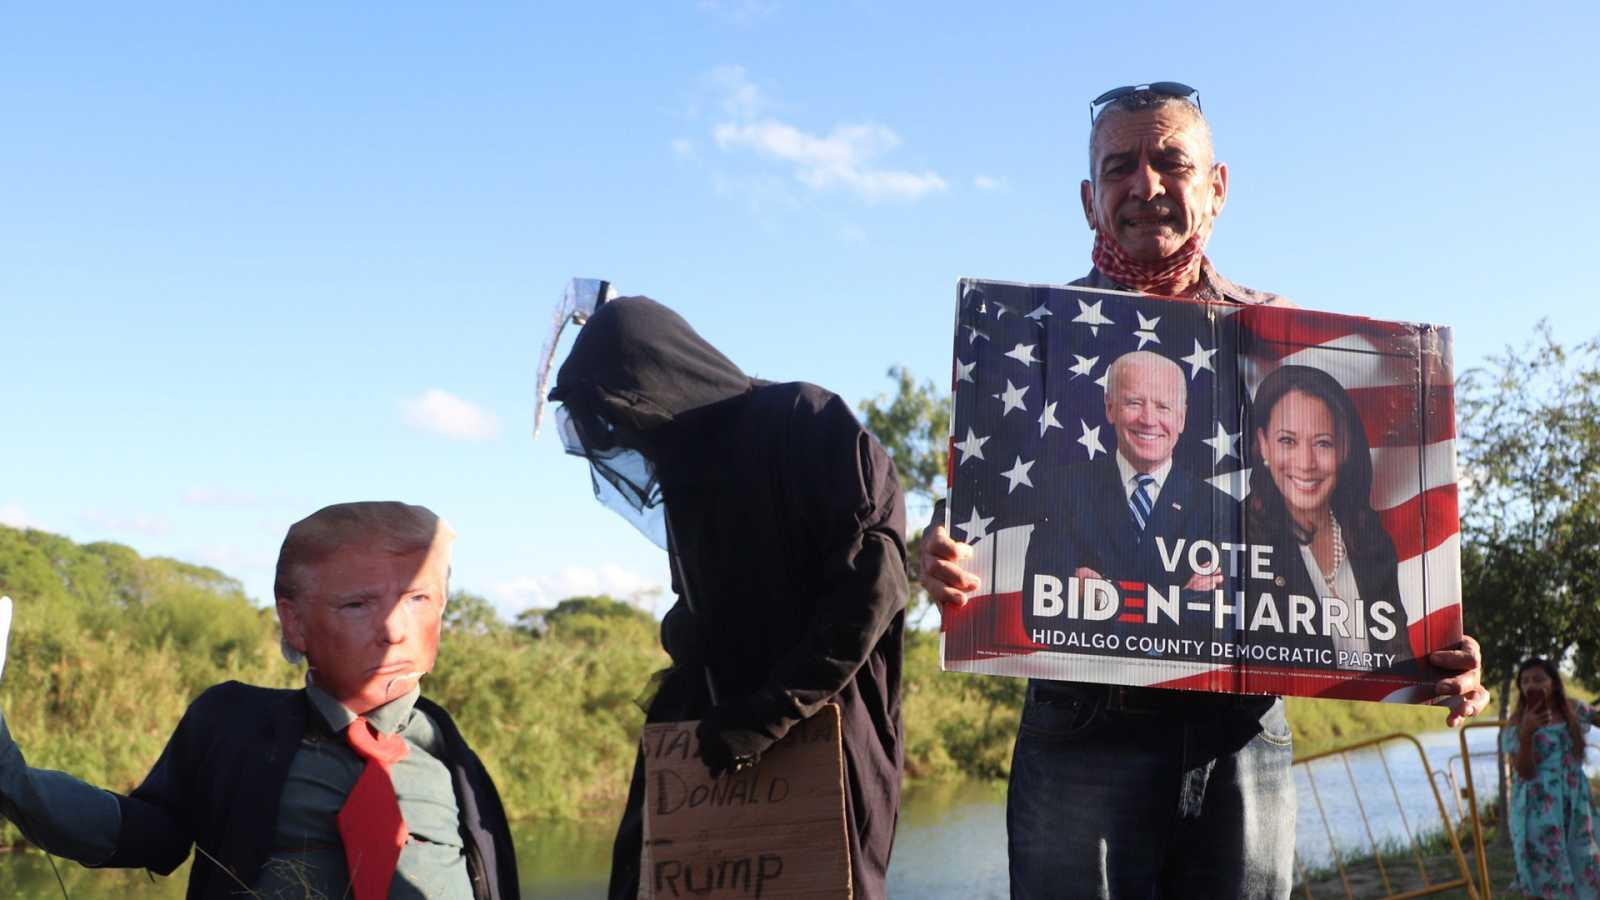 Hora América - La movilización latina una de las claves de la victoria de Joe Biden - 09/11/20 - Escuchar ahora